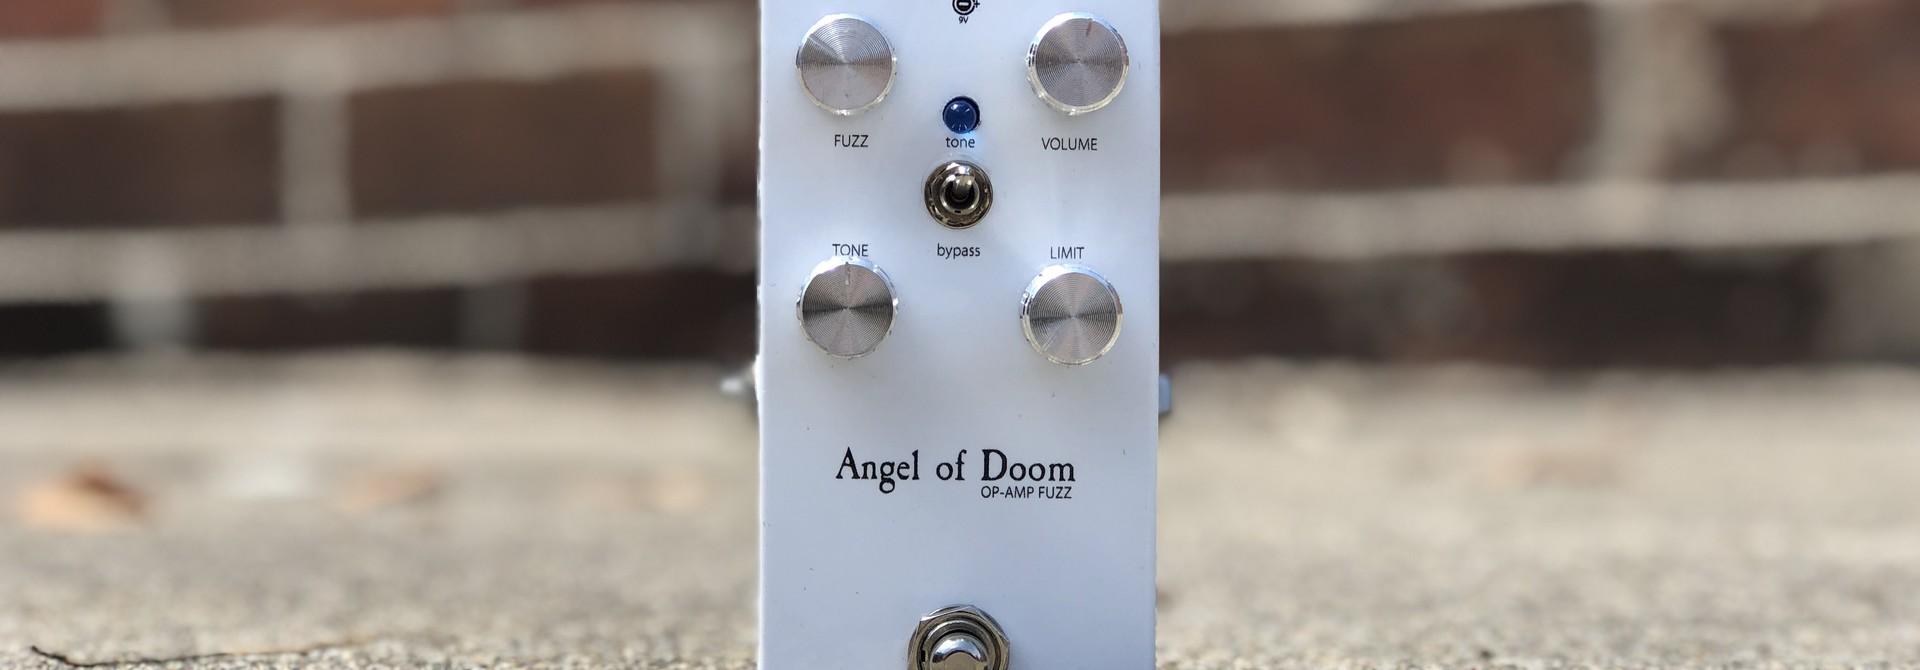 Vein-Tap Angel of Doom OP-AMP FUZZ Pedal